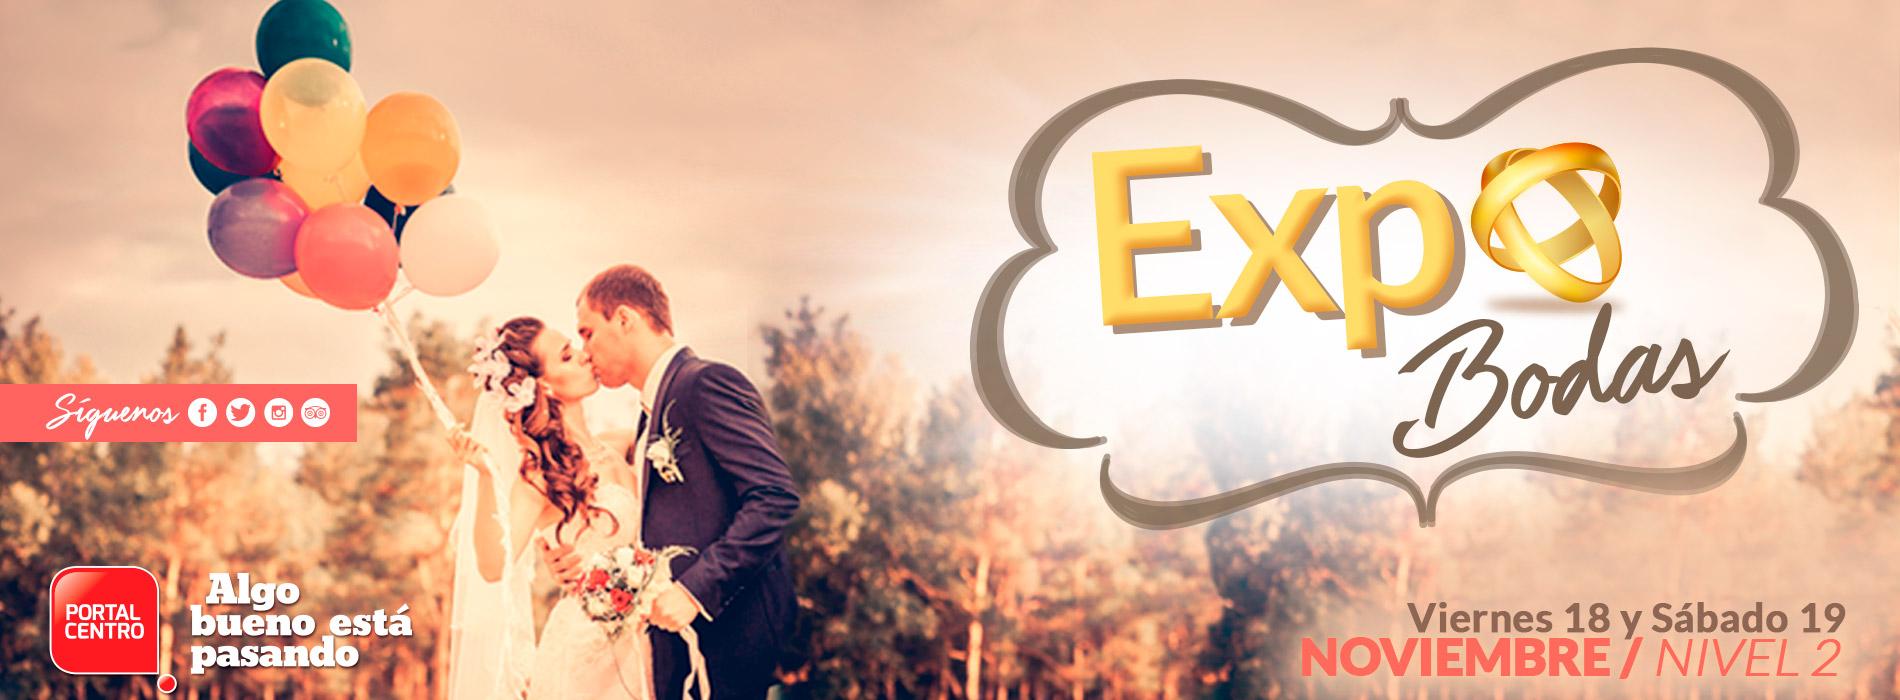 Banner_web_expo_bodas